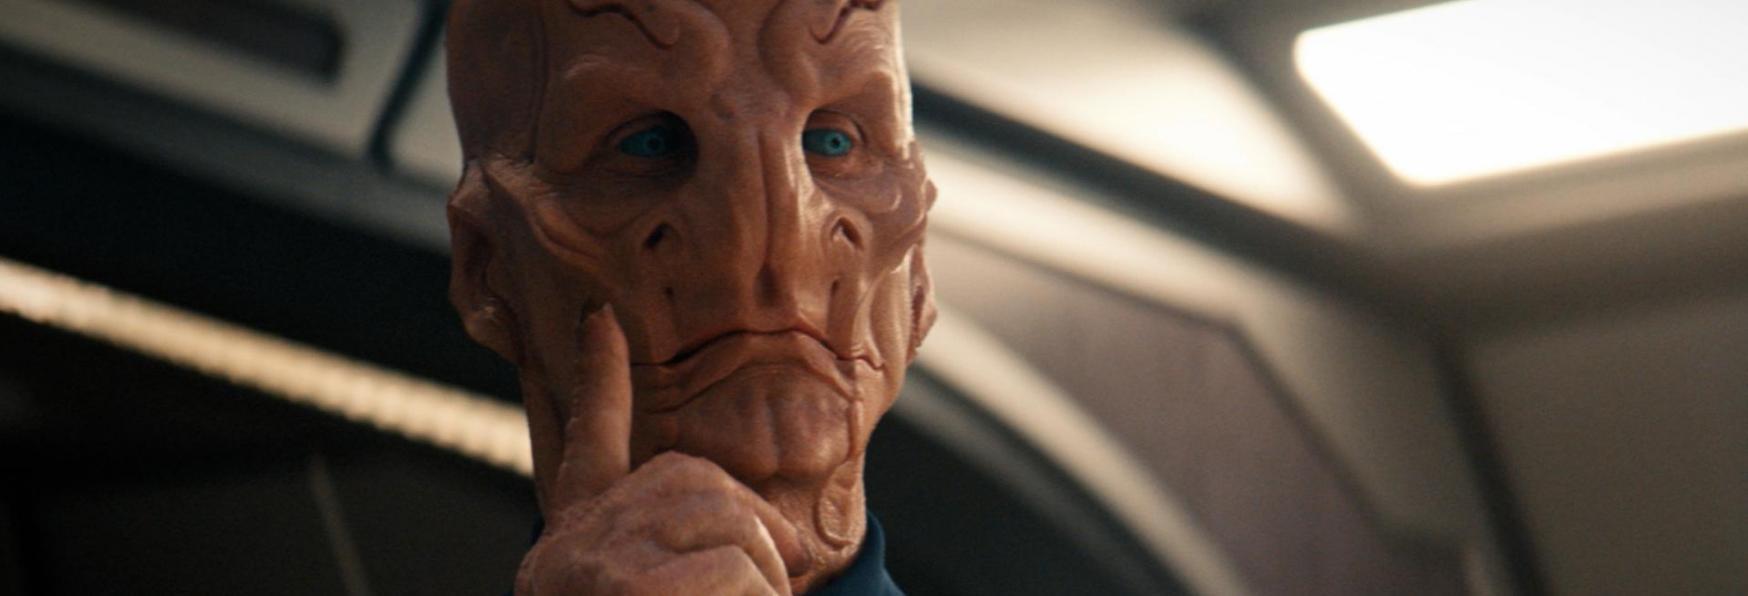 Star Trek: Discovery 4 - Saru tornerà alla U.S.S. Discovery nella nuova Stagione